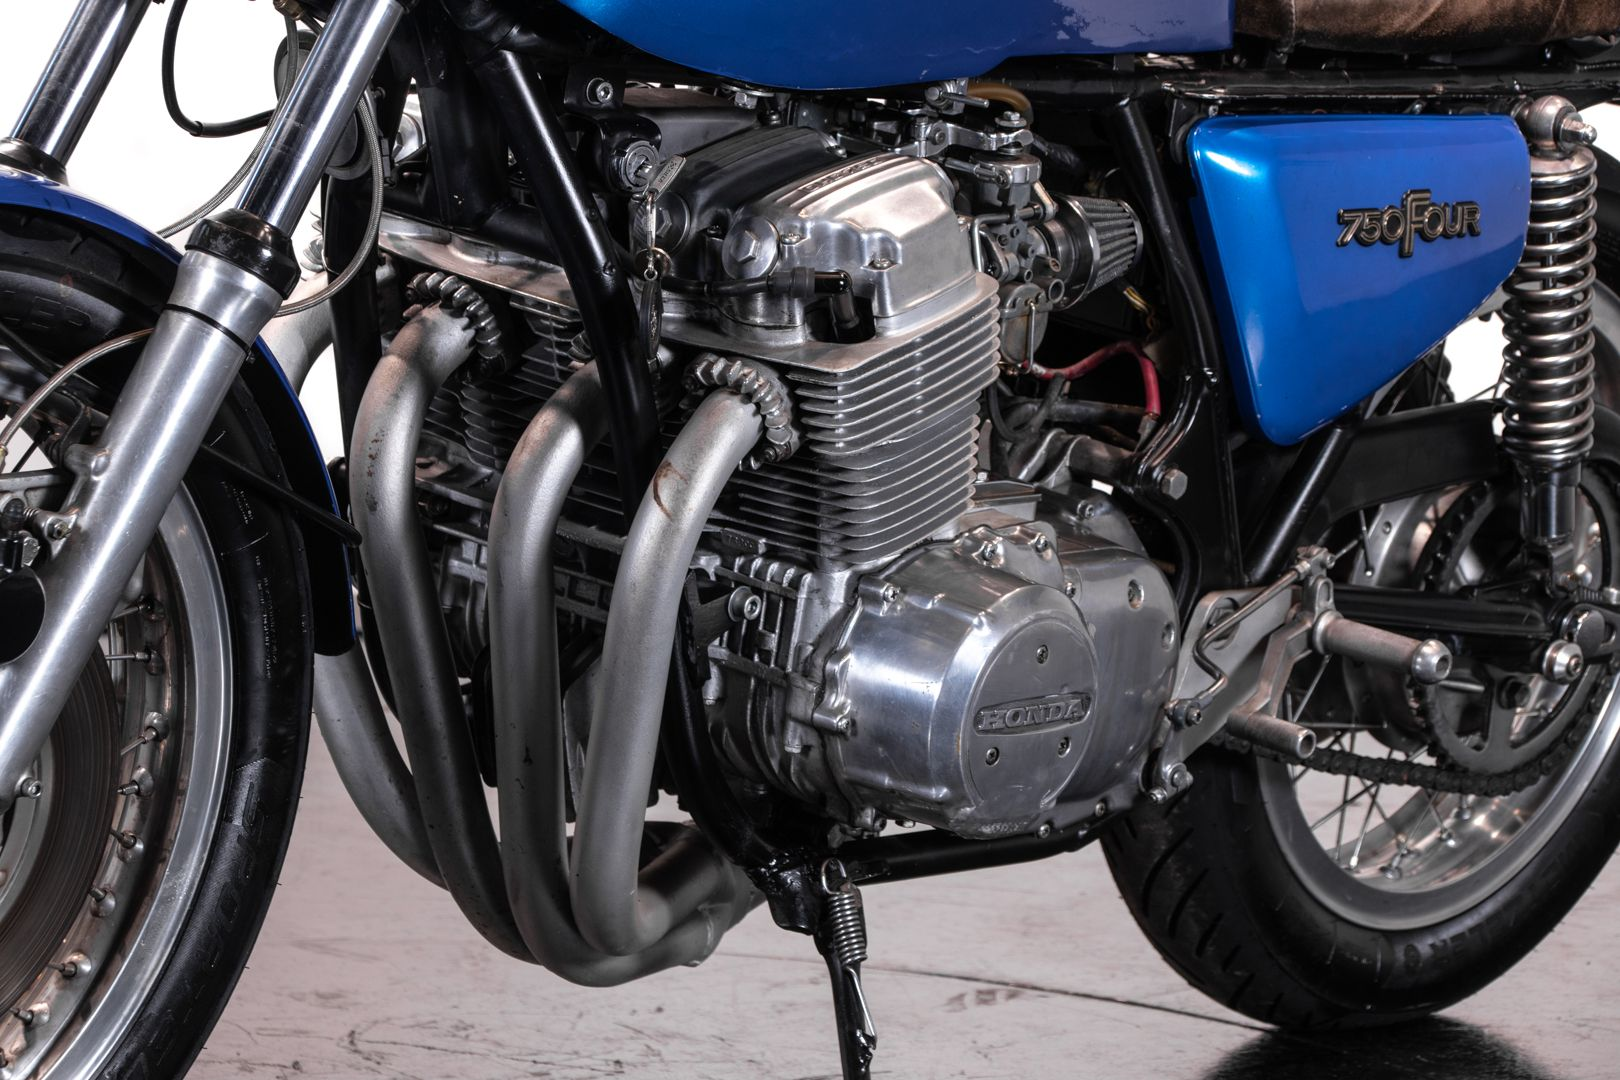 1976 Honda Four 750 Café Racer 70281